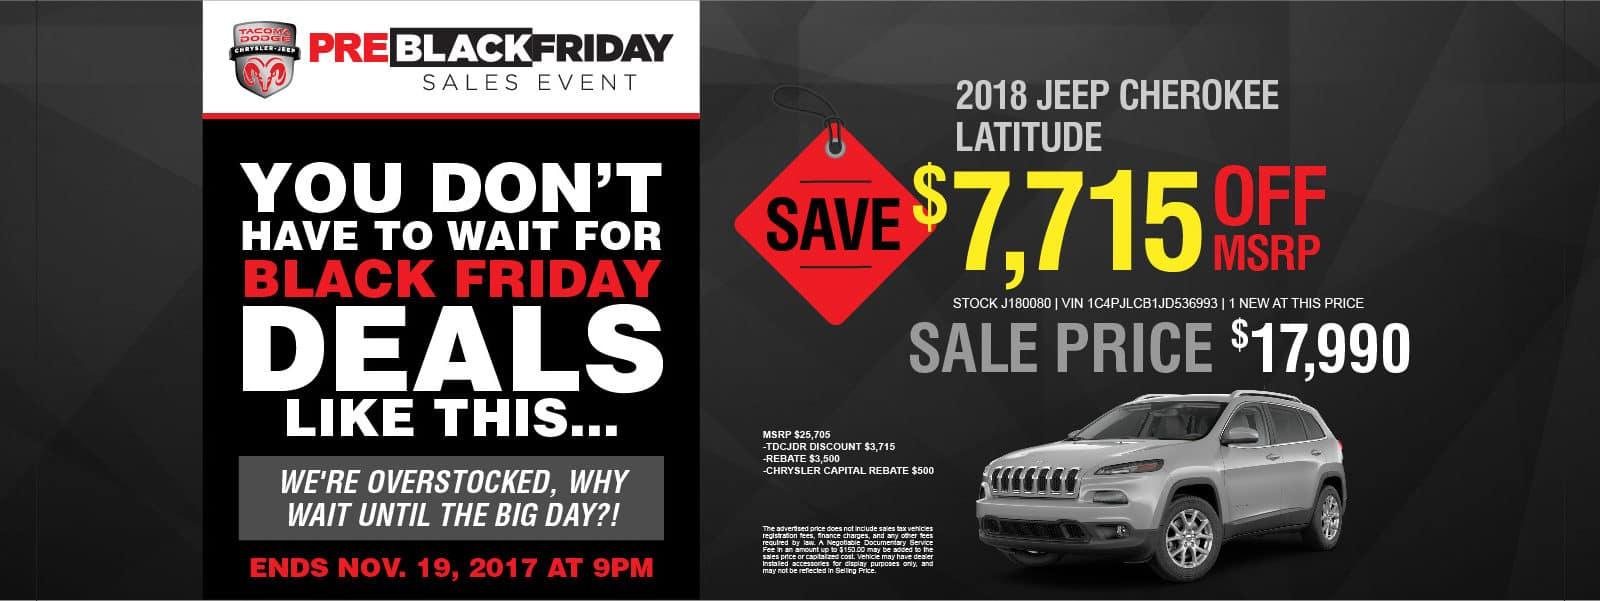 Pre-Black Friday Jeep Cherokee